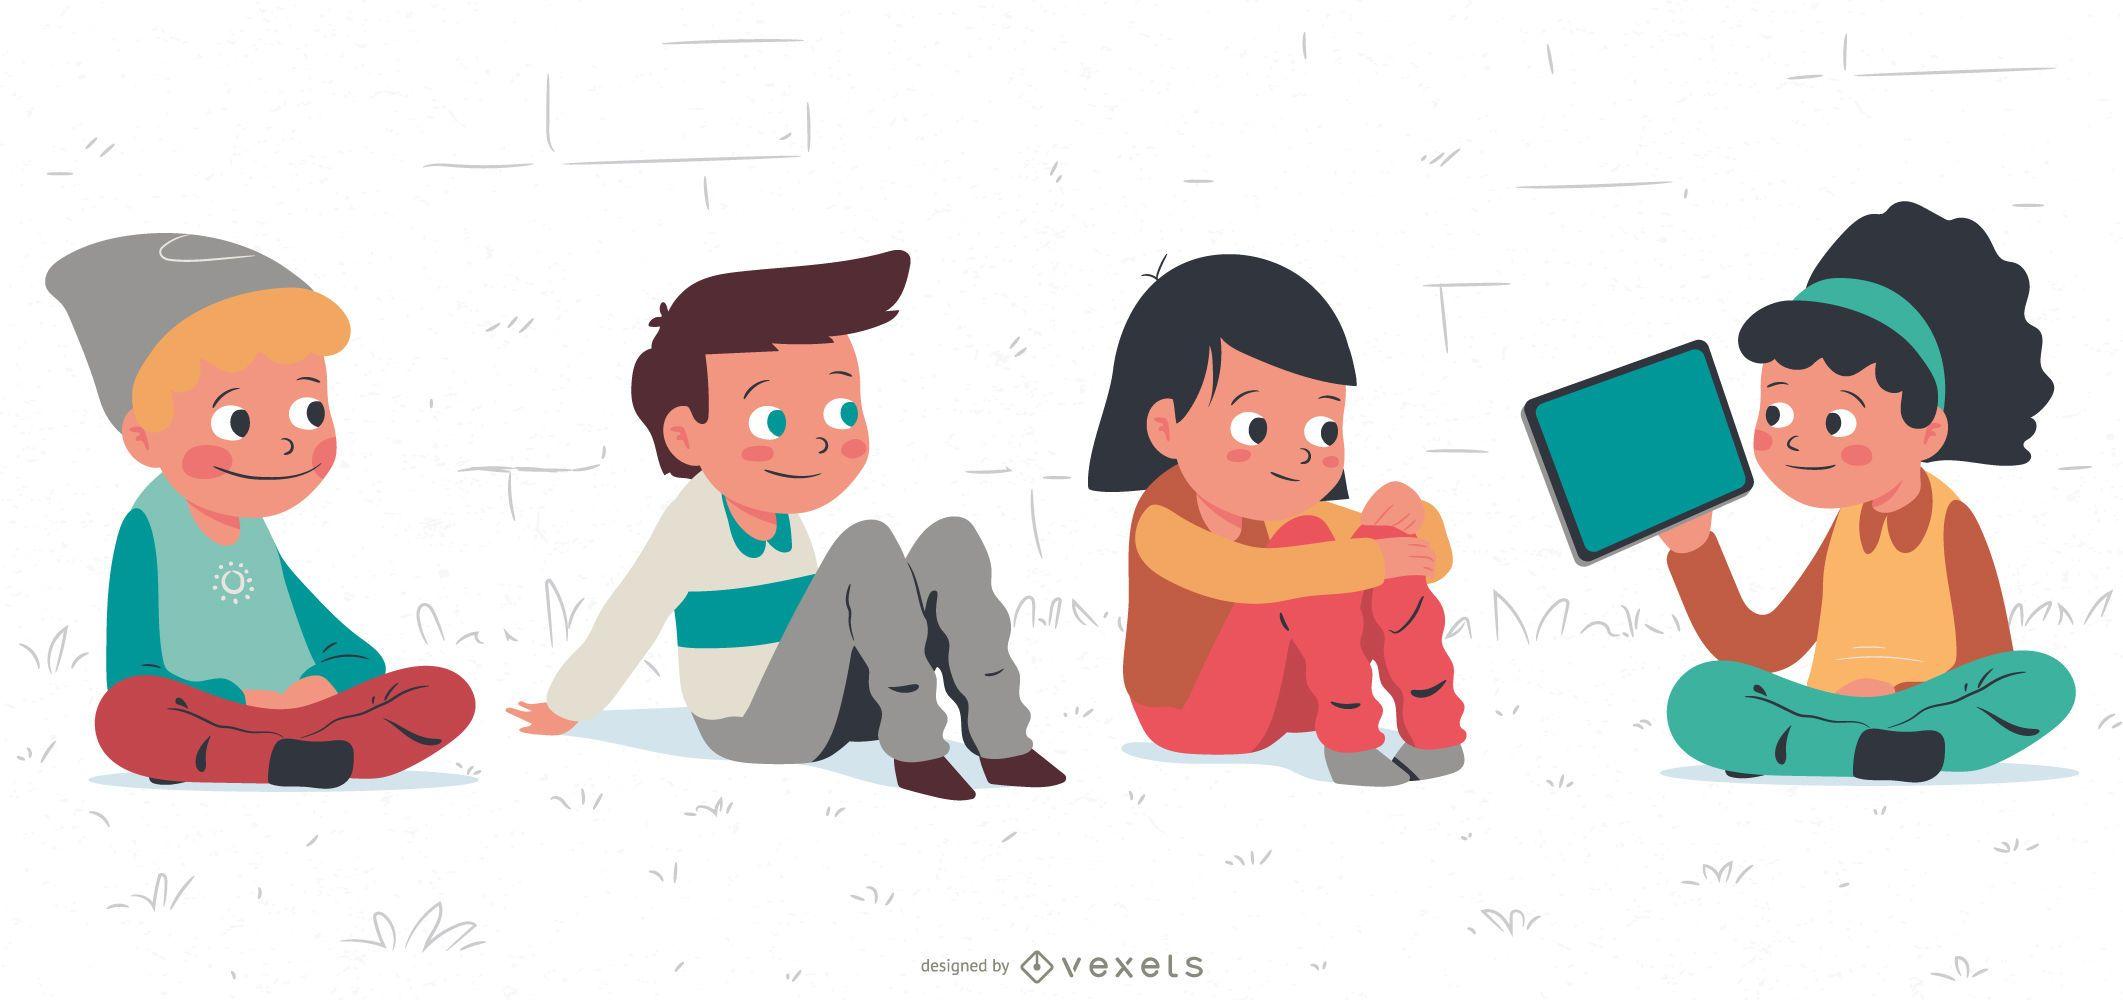 Conjunto de personajes de dibujos animados de niños charlando